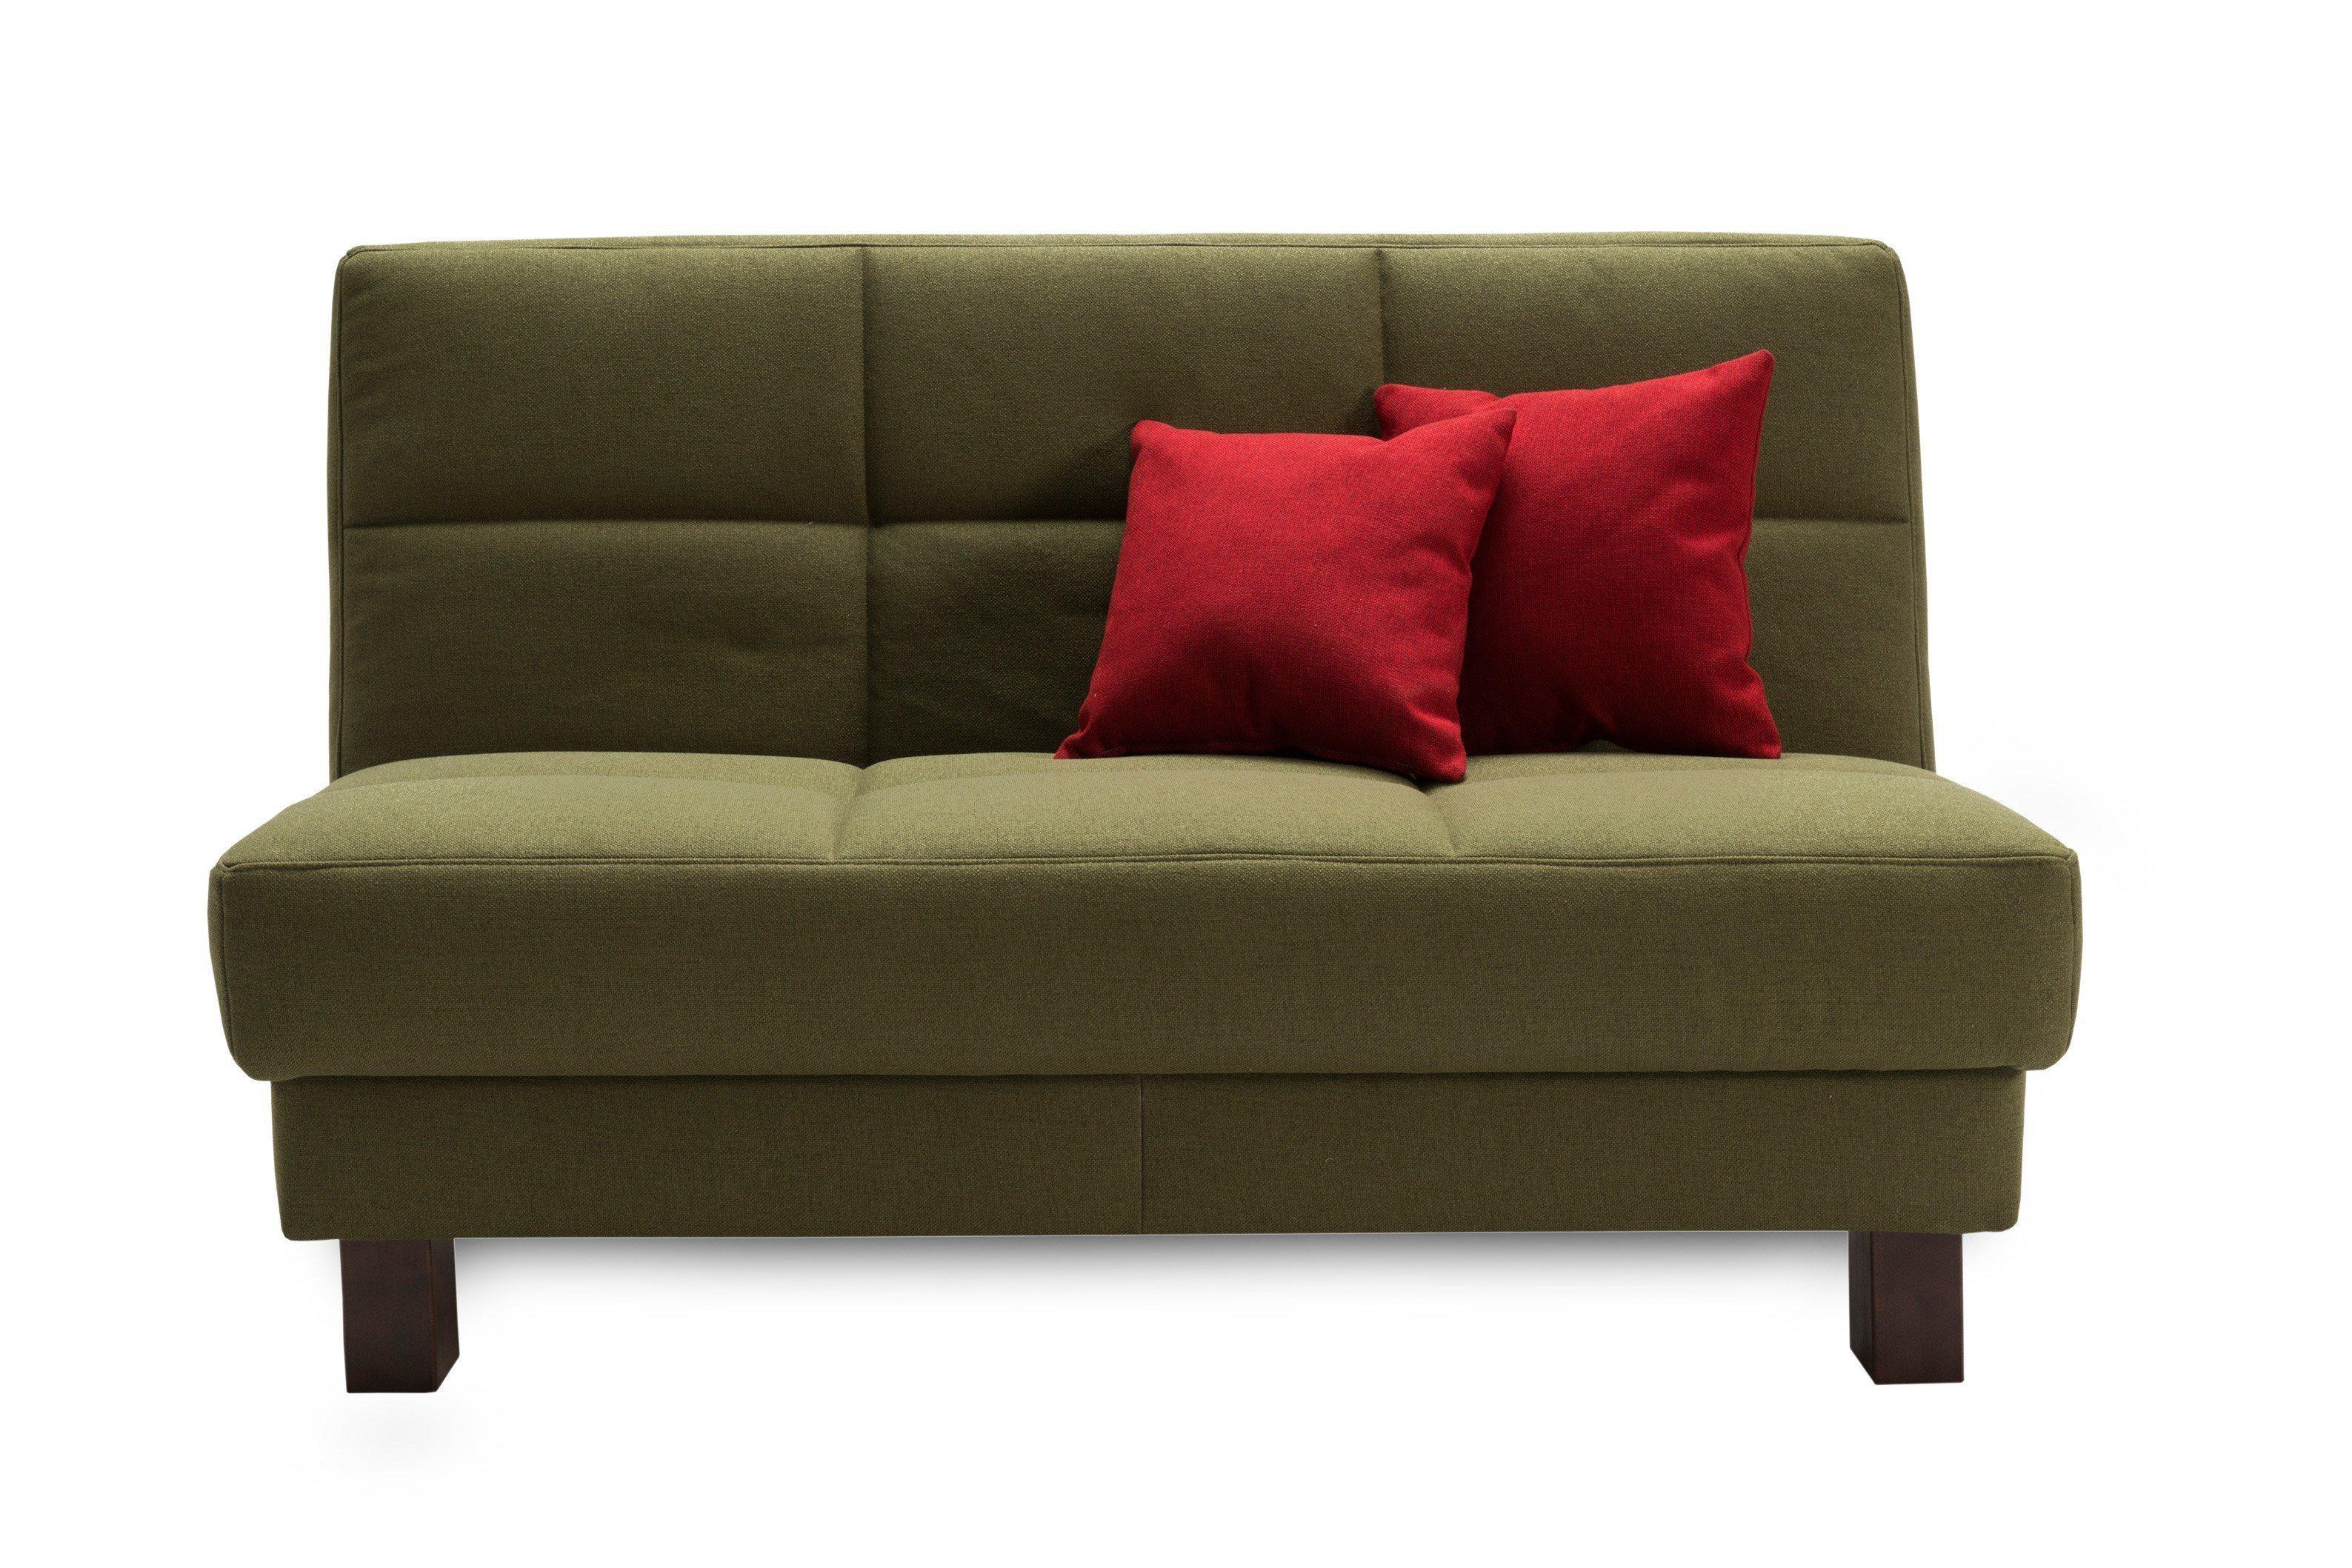 ell ell tilda schlafsofa gr n mit holzf en wengefarbig m bel letz ihr online shop. Black Bedroom Furniture Sets. Home Design Ideas